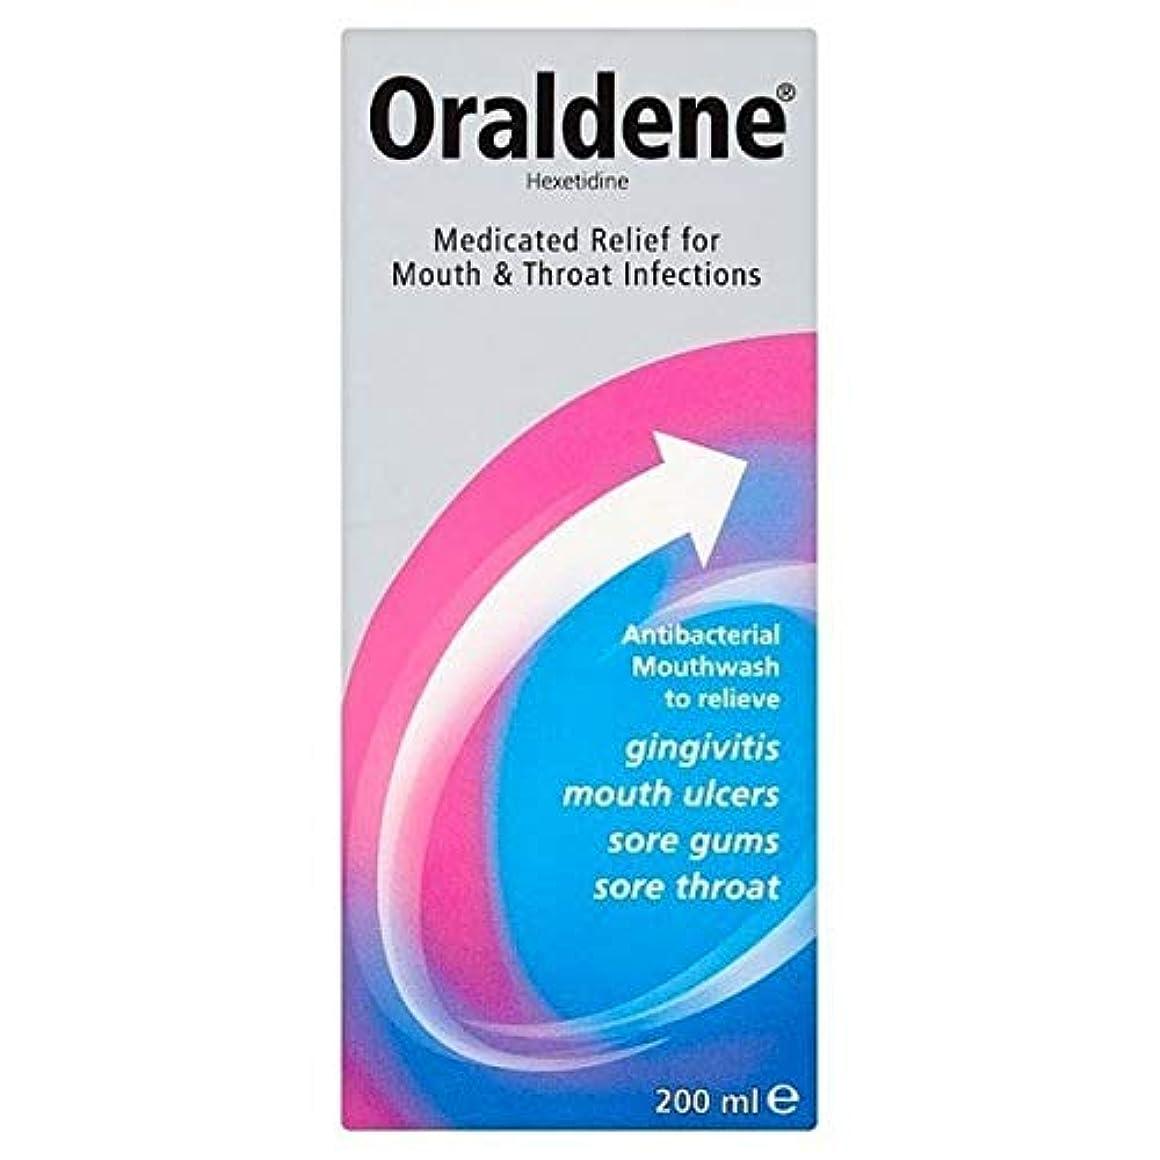 繊維けん引参加する[Oraldene] Oraldeneマウスウォッシュ200ミリリットル - Oraldene Mouthwash 200ml [並行輸入品]